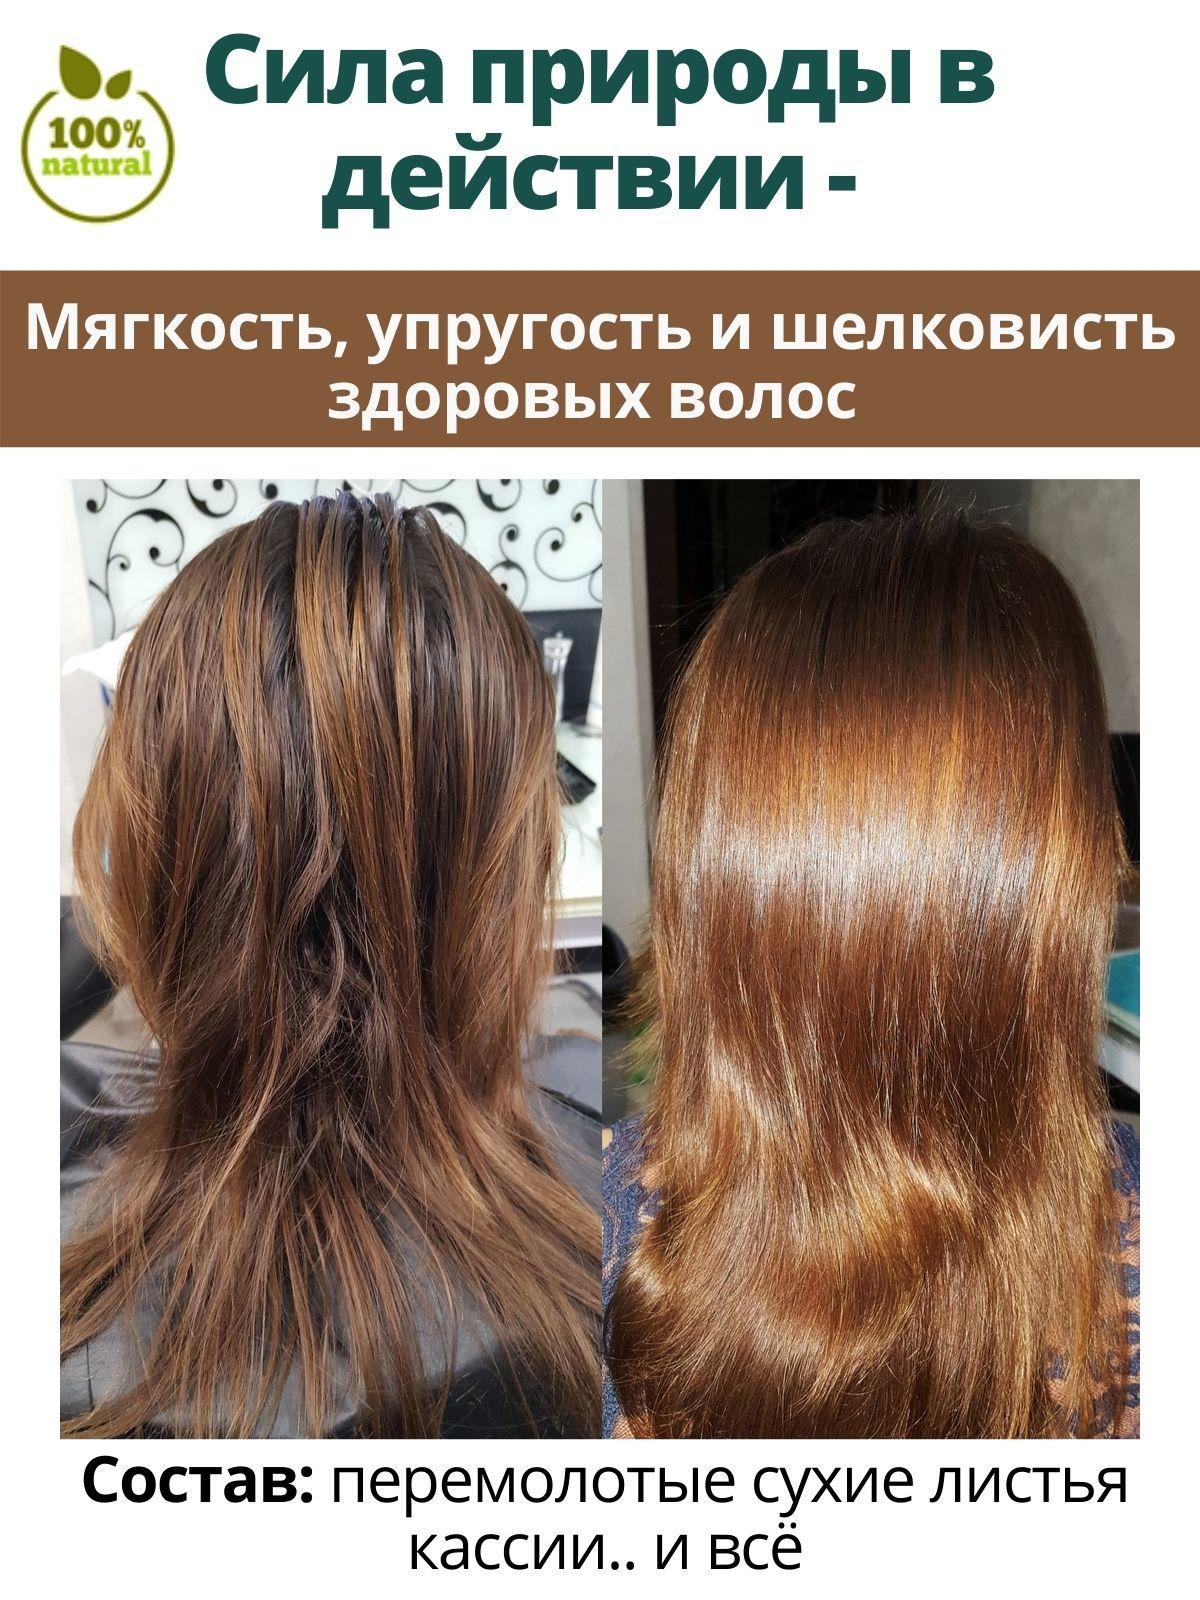 Бесцветная хна - питание и оздоровление волос без окрашивания.